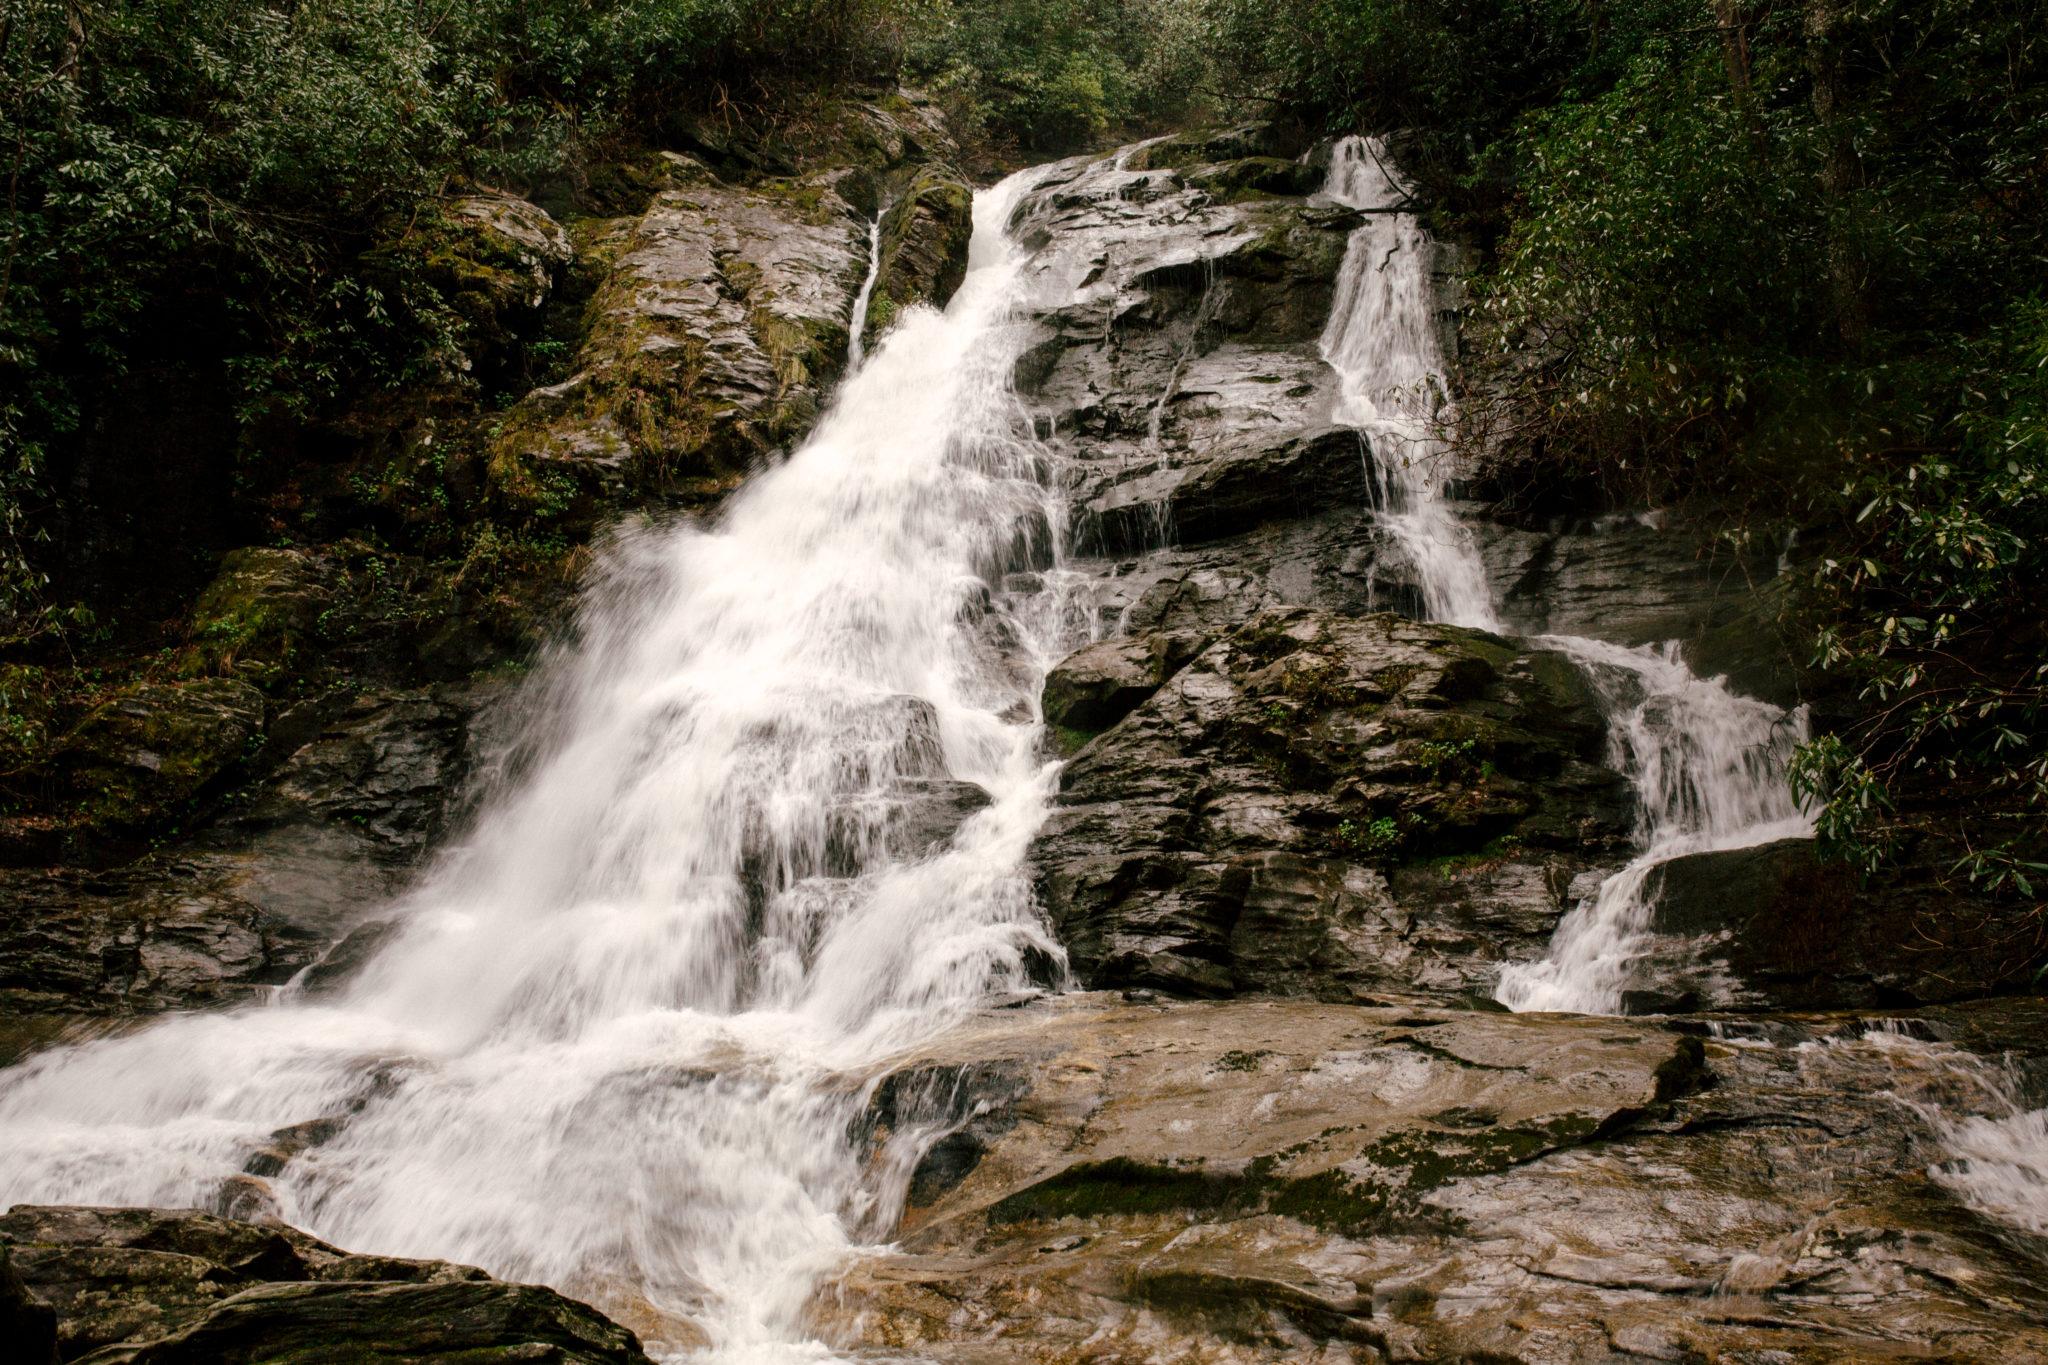 High Shoals Falls near Hiawassee, GA